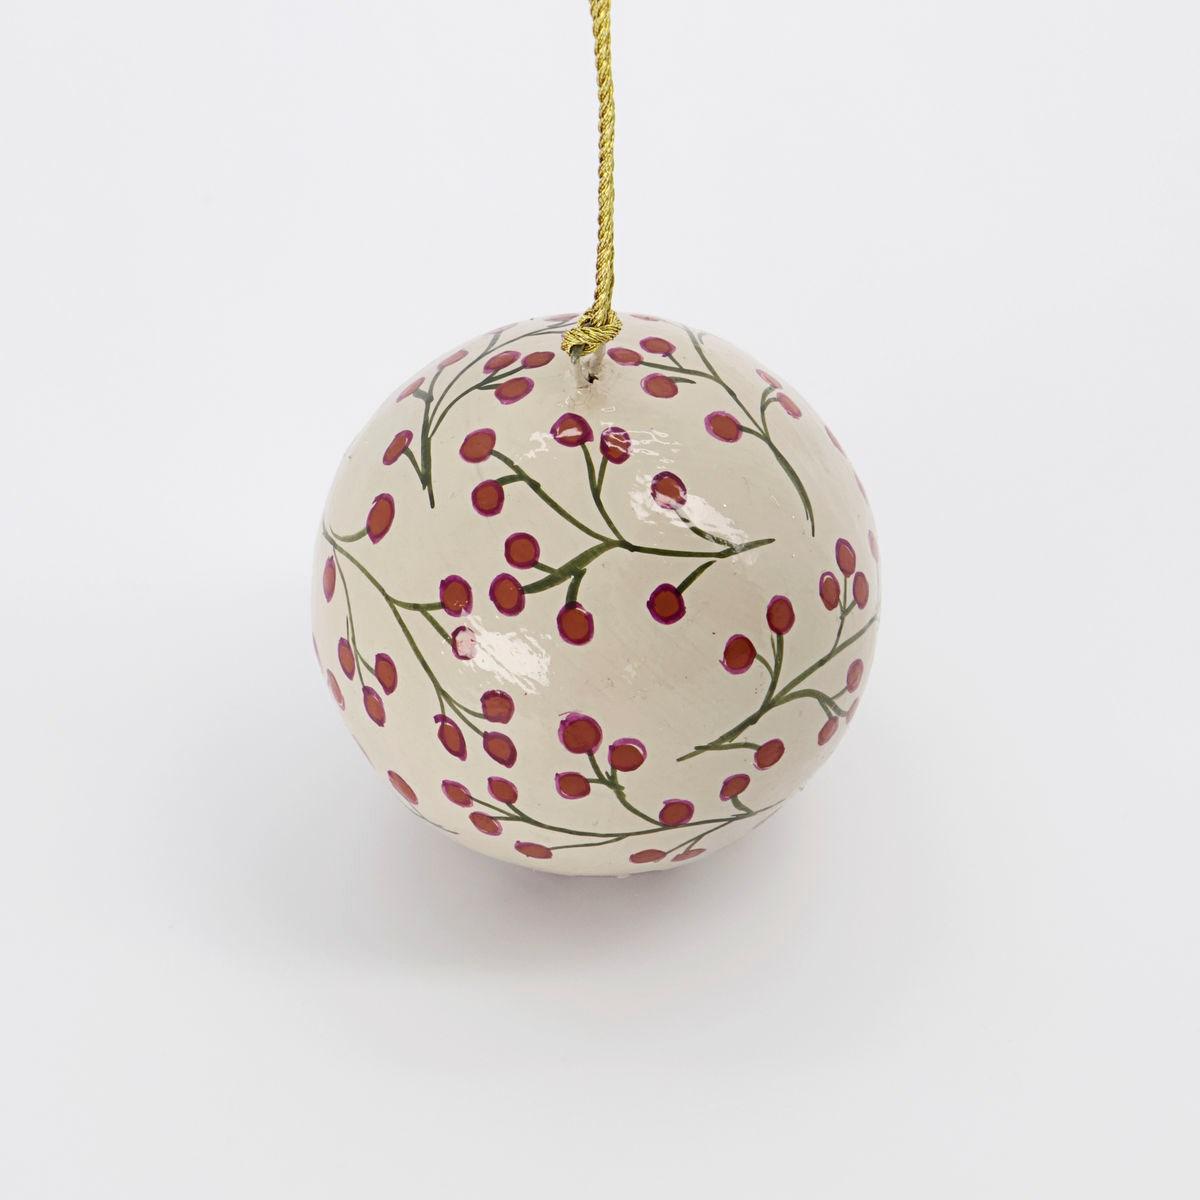 Vánoční ozdoba MACHE 5 cm koule písková_1